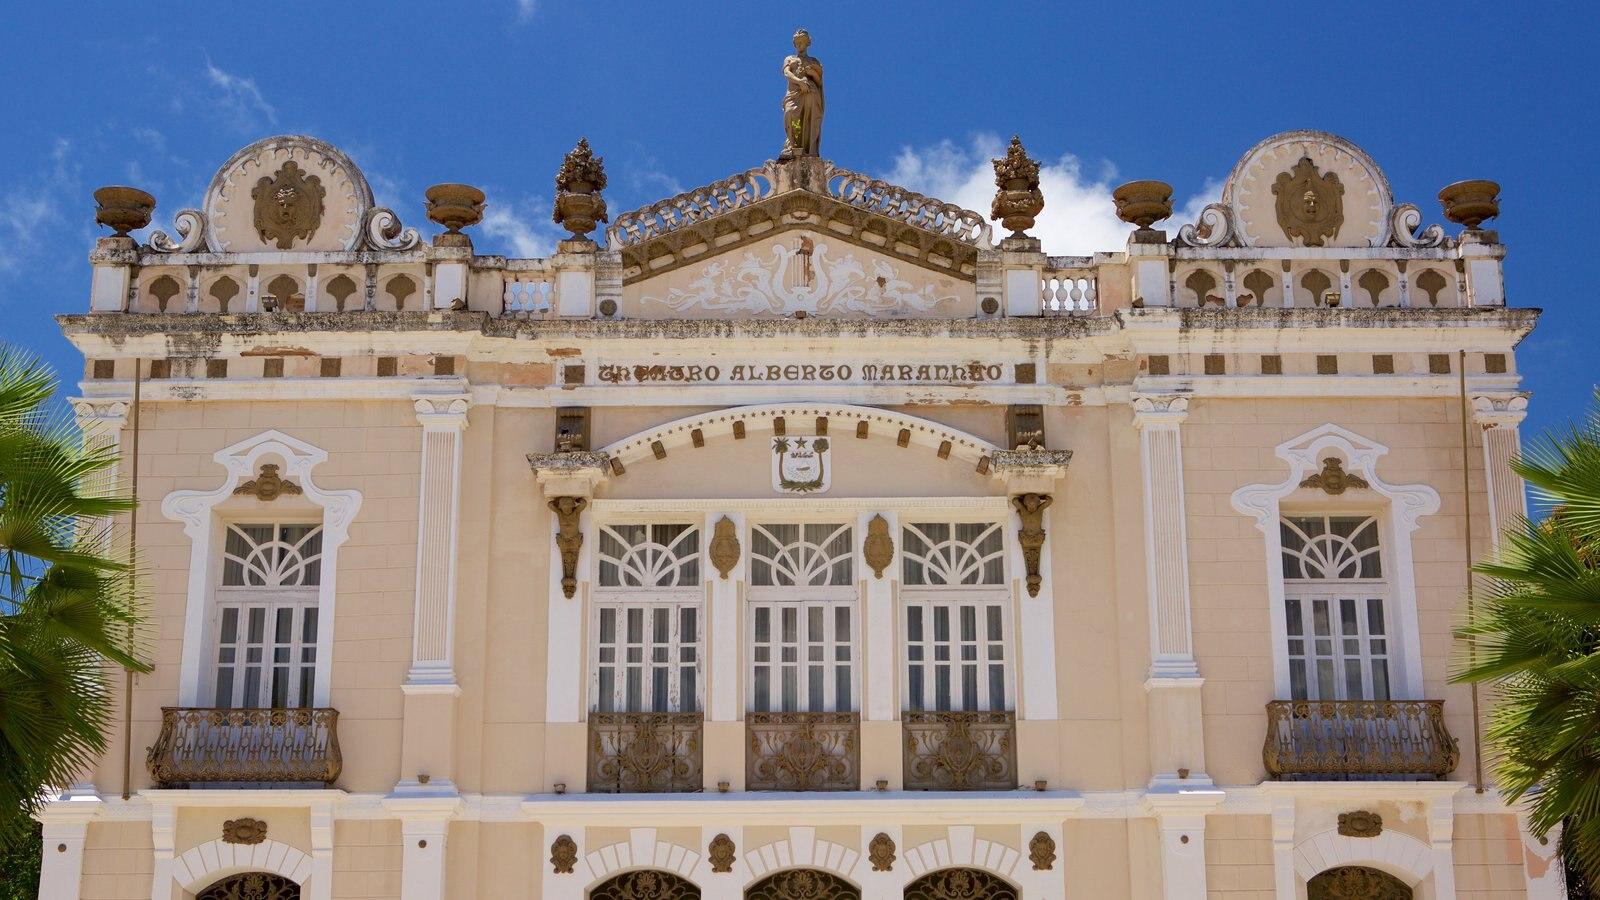 Teatro Alberto Maranhão mostrando elementos de patrimônio e cenas de teatro